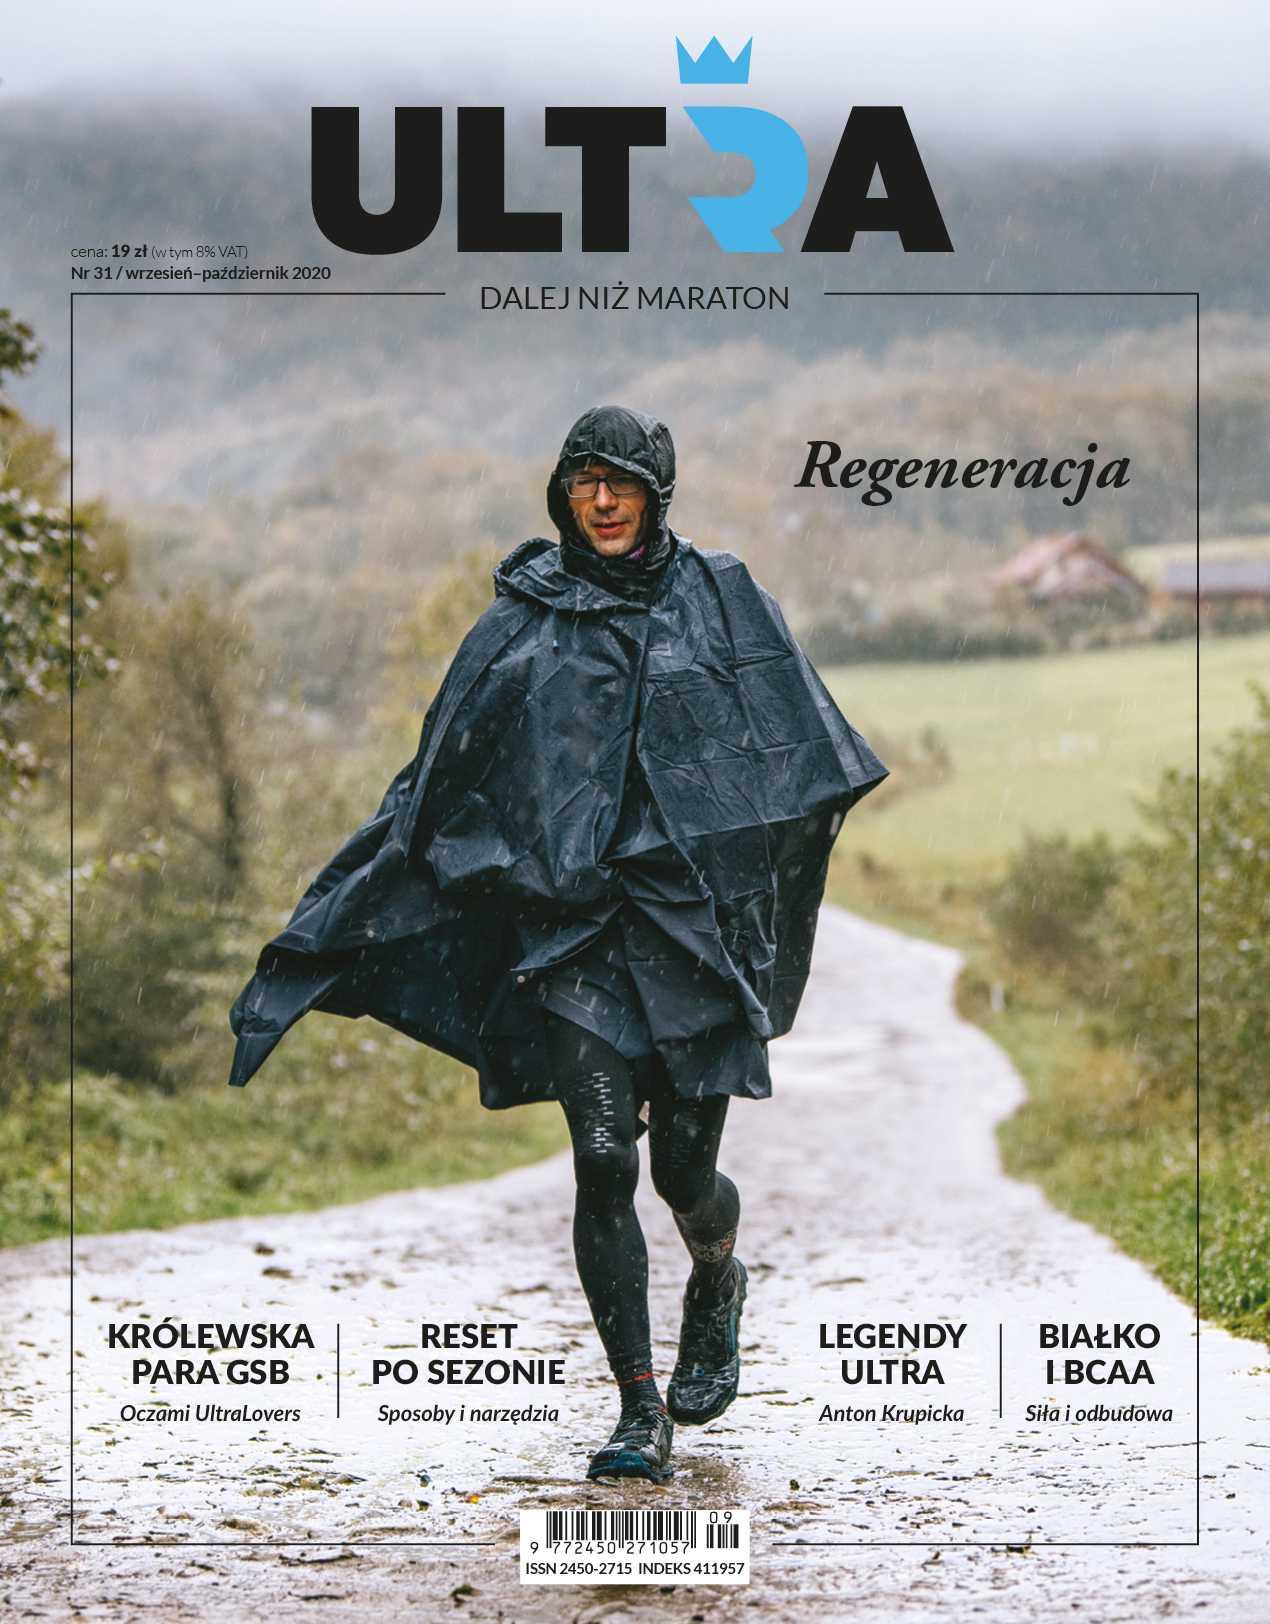 ULTRA - Dalej niż maraton 9/2020 - Ebook (Książka PDF) do pobrania w formacie PDF